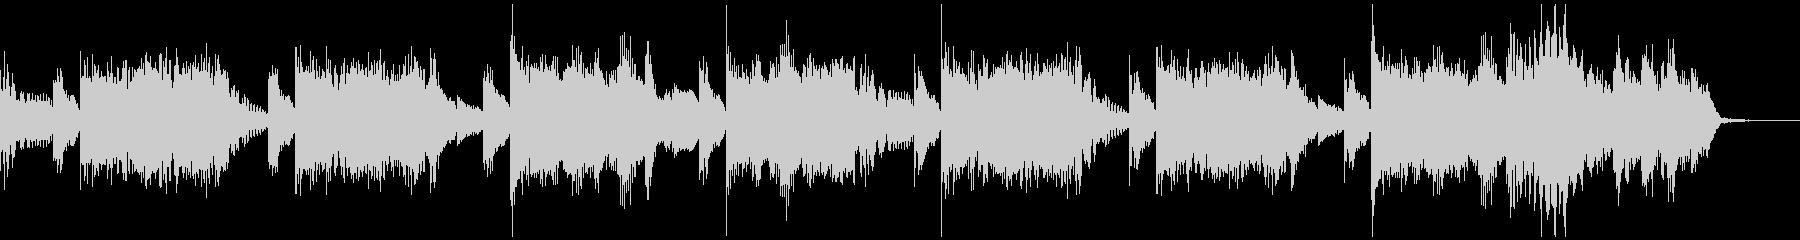 15秒 軽快なハウスミュージックの未再生の波形